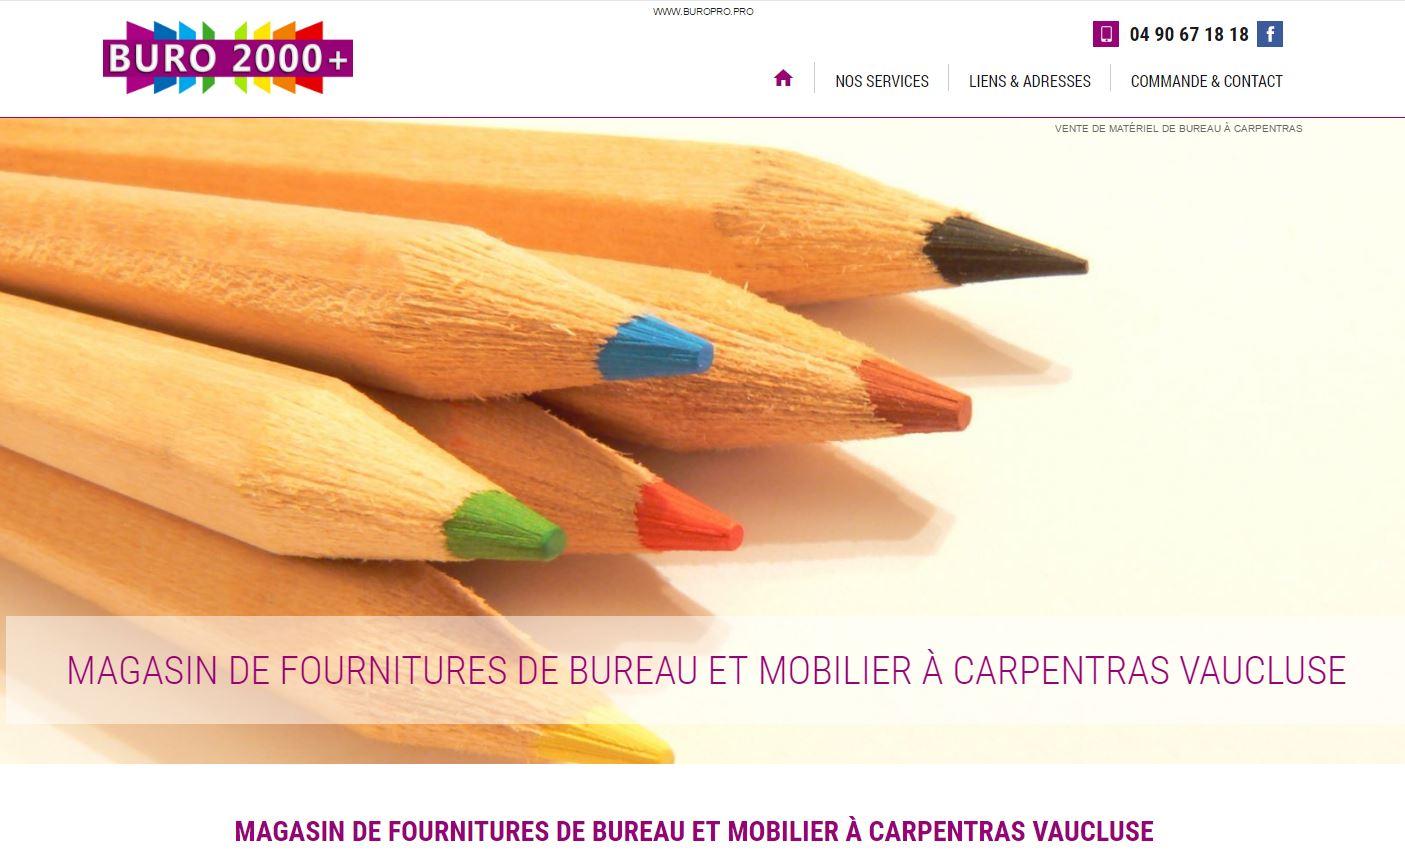 site internet pour un magasin de fournitures de bureaux buro pro agence web marseille jalis. Black Bedroom Furniture Sets. Home Design Ideas